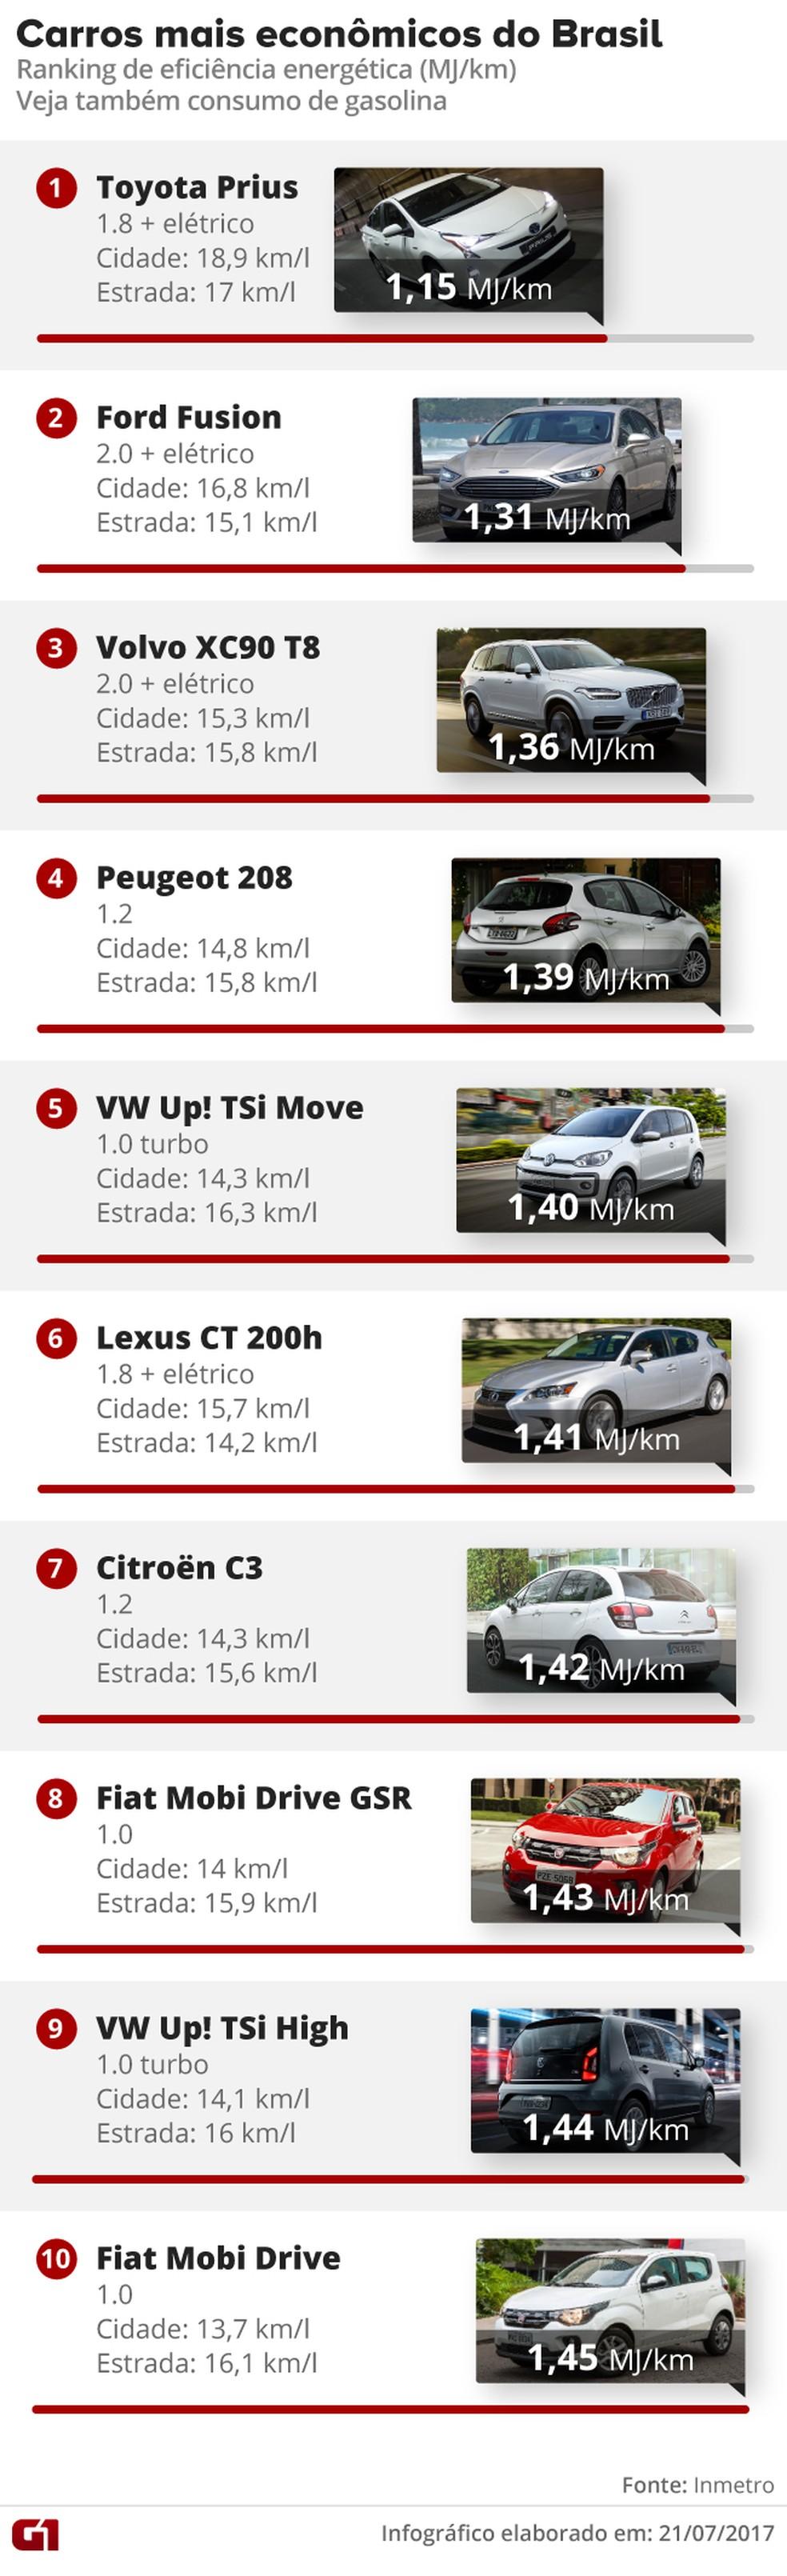 Carros mais econômicos do país (Foto: )